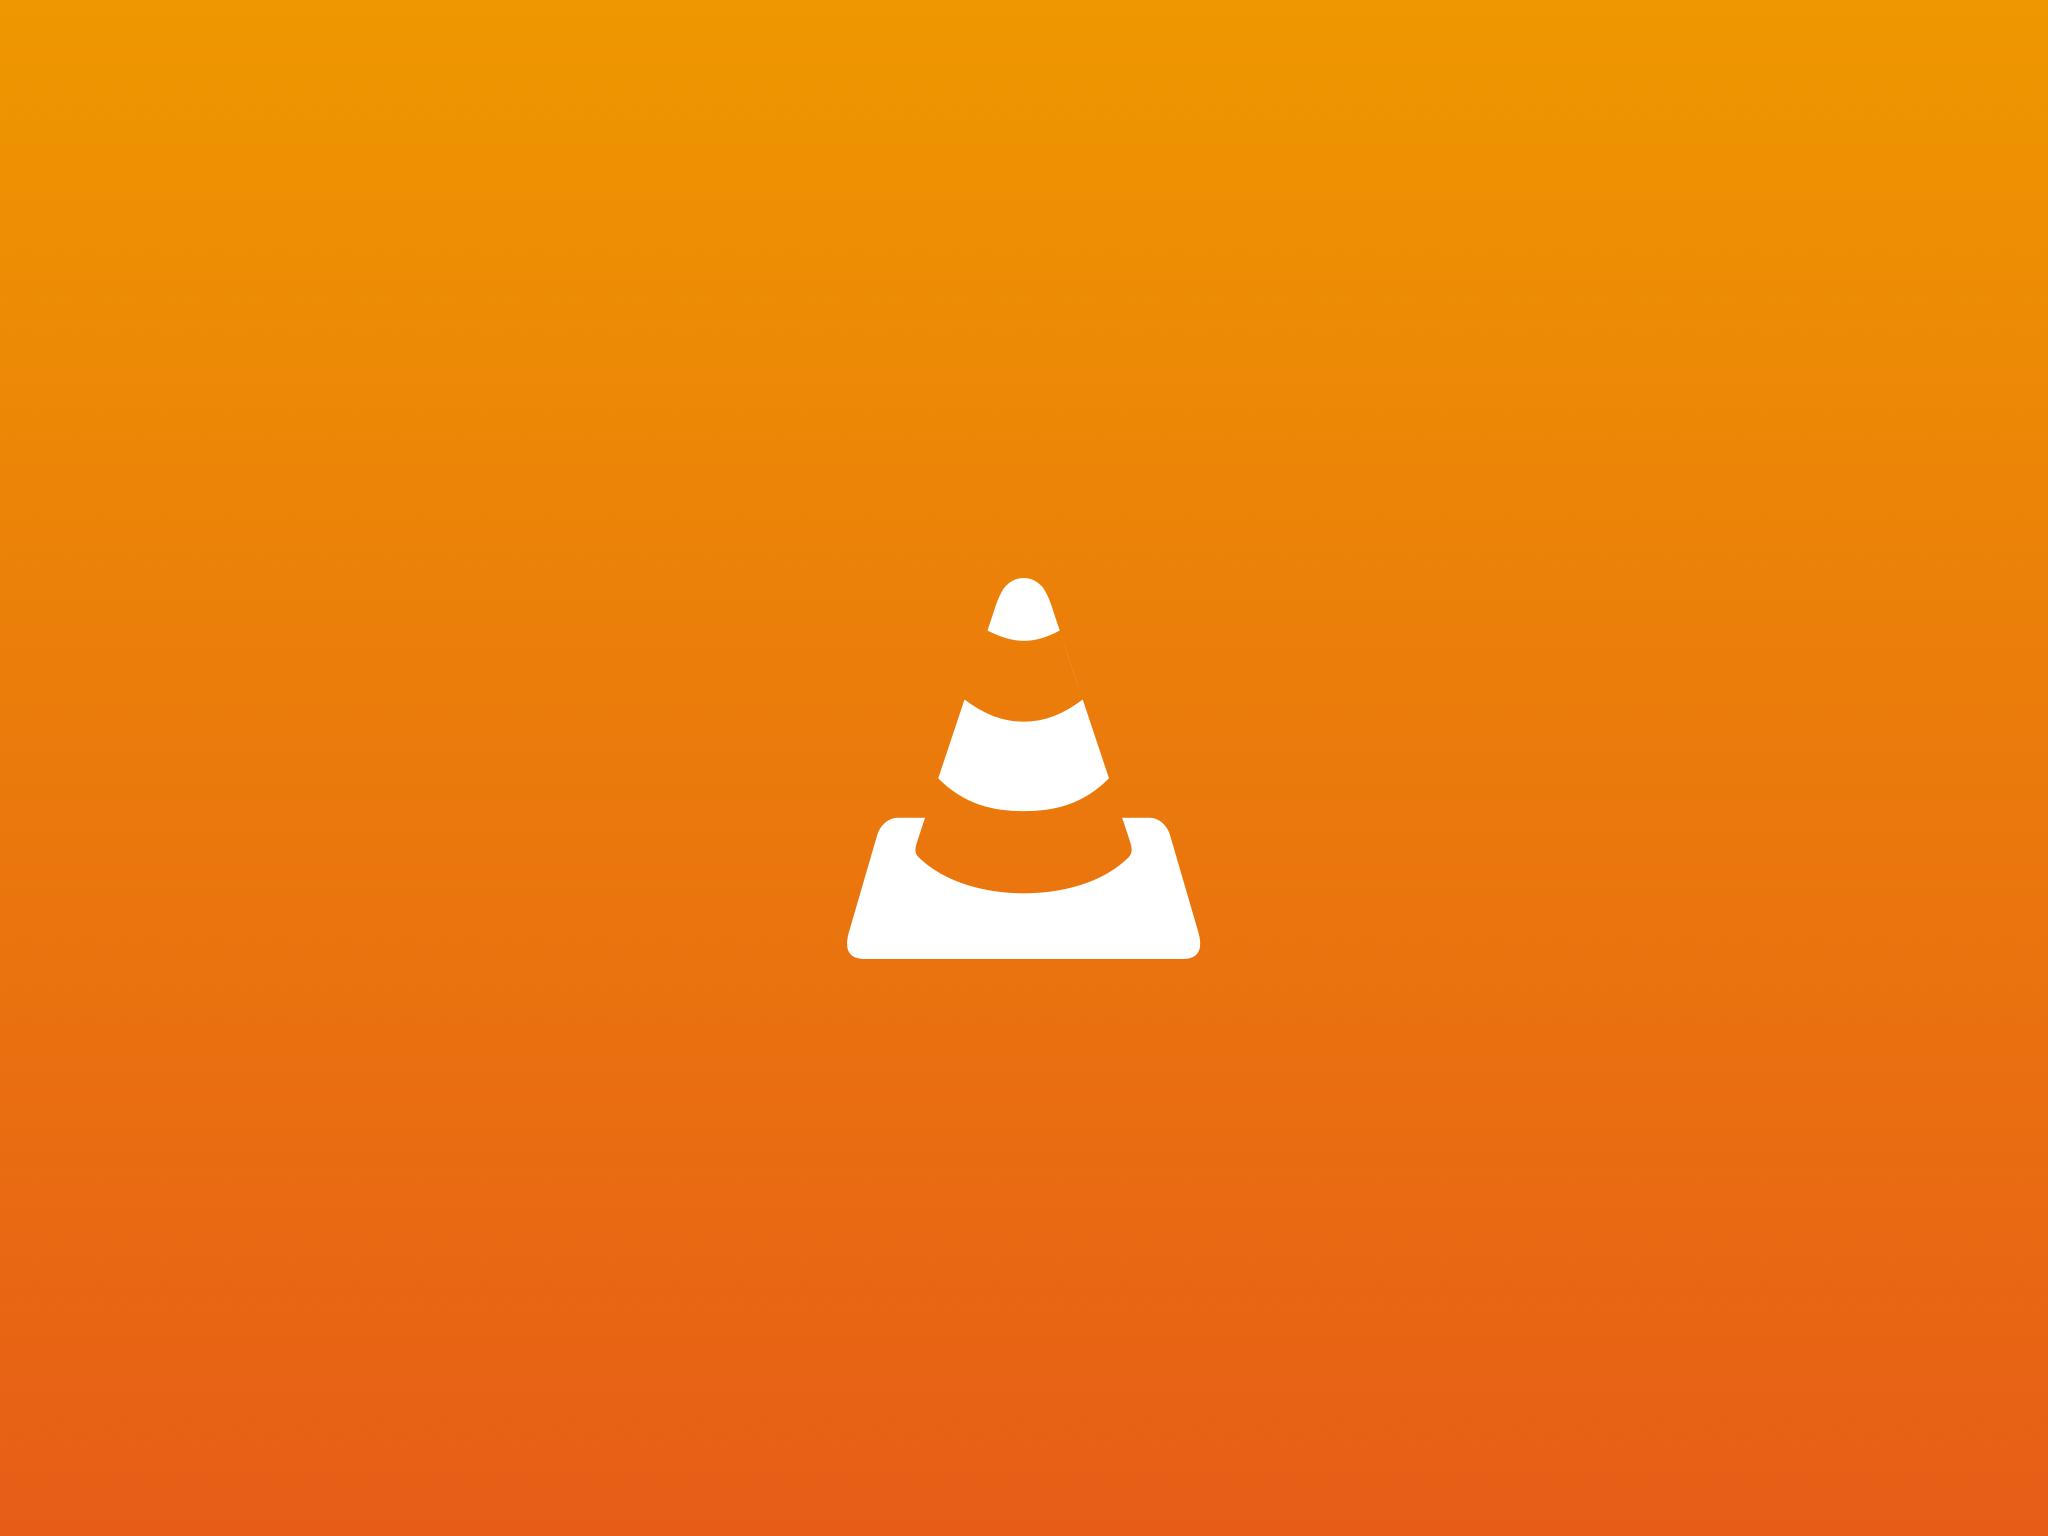 vlc-ios/Images.xcassets/LaunchImage.launchimage/iPad-Landscape@2x-1.png